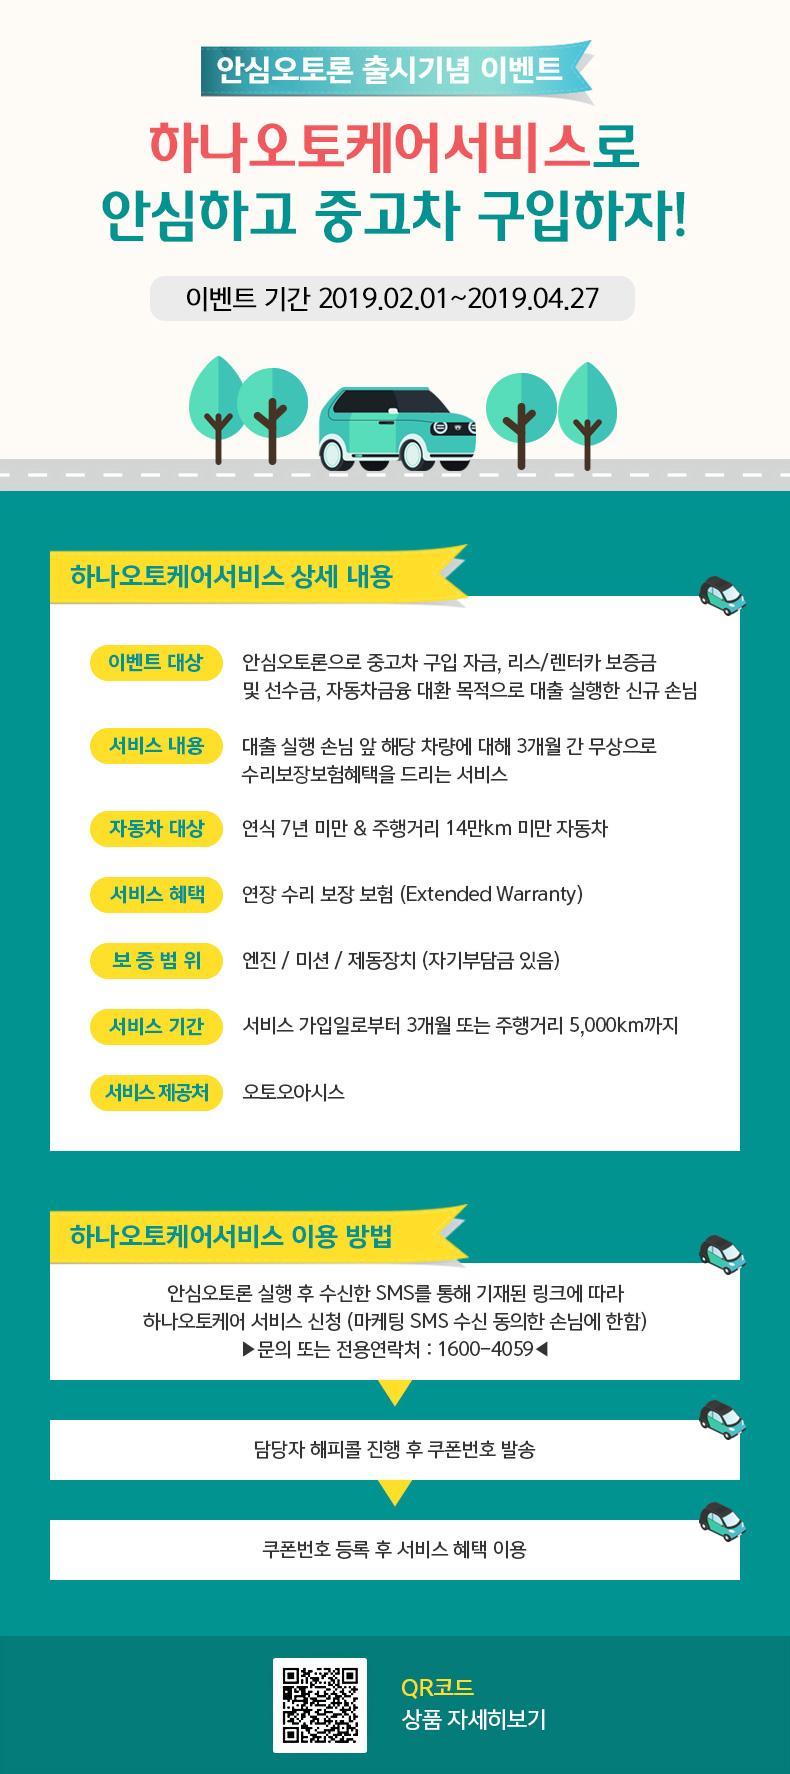 안심오토론 출시기념 이벤트 이벤트기간 2019.02.01 ~ 2019.04.27